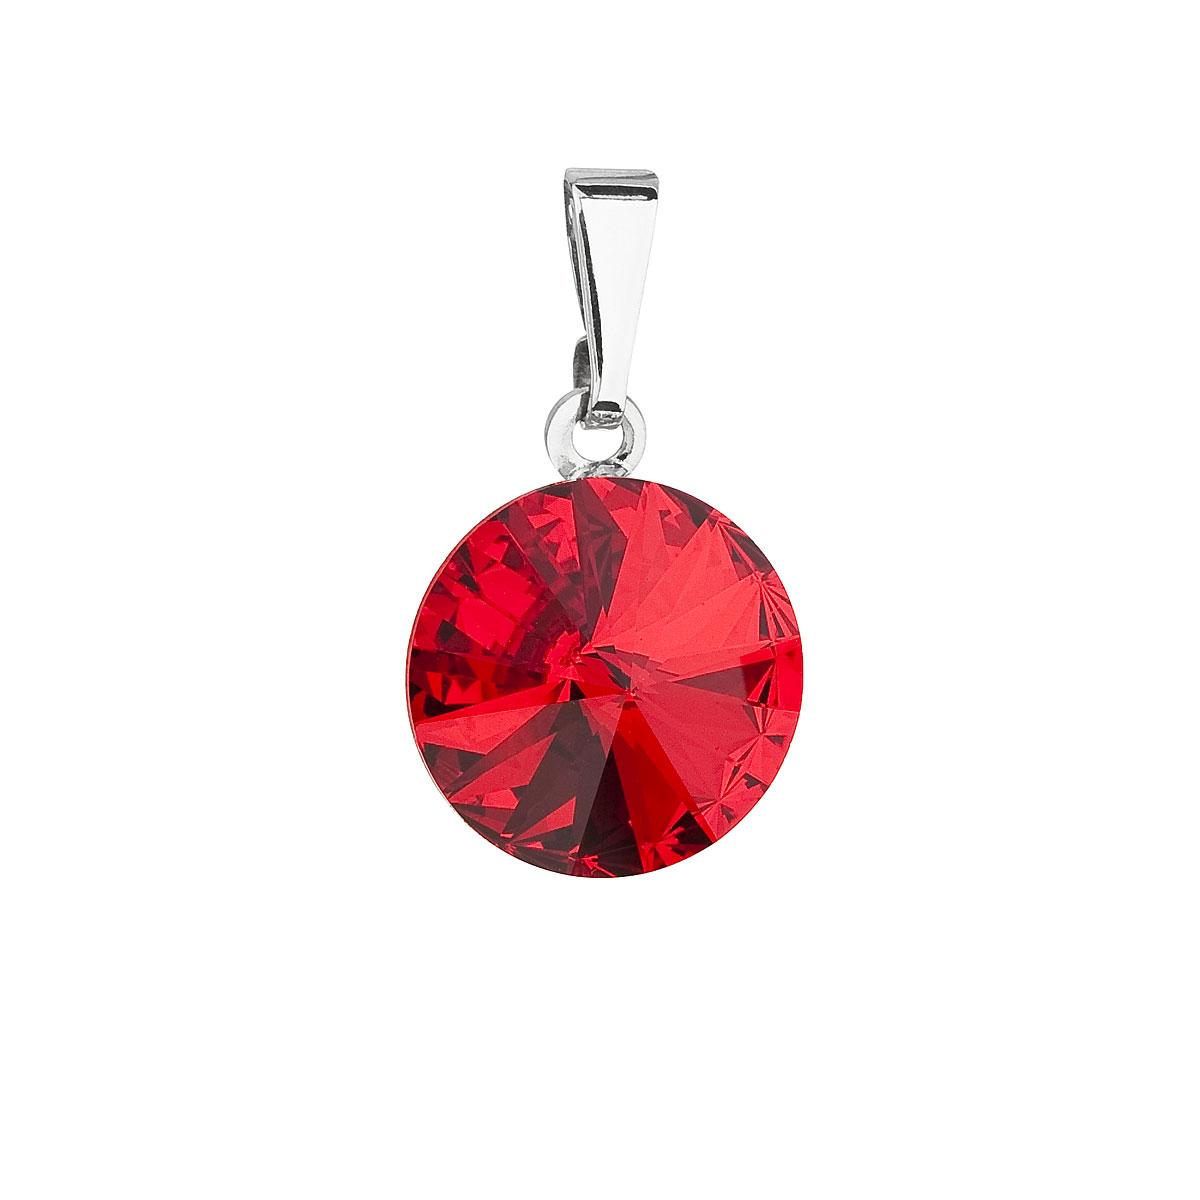 Evolution Group Přívěsek se Swarovski krystaly červený kulatý 54001.3